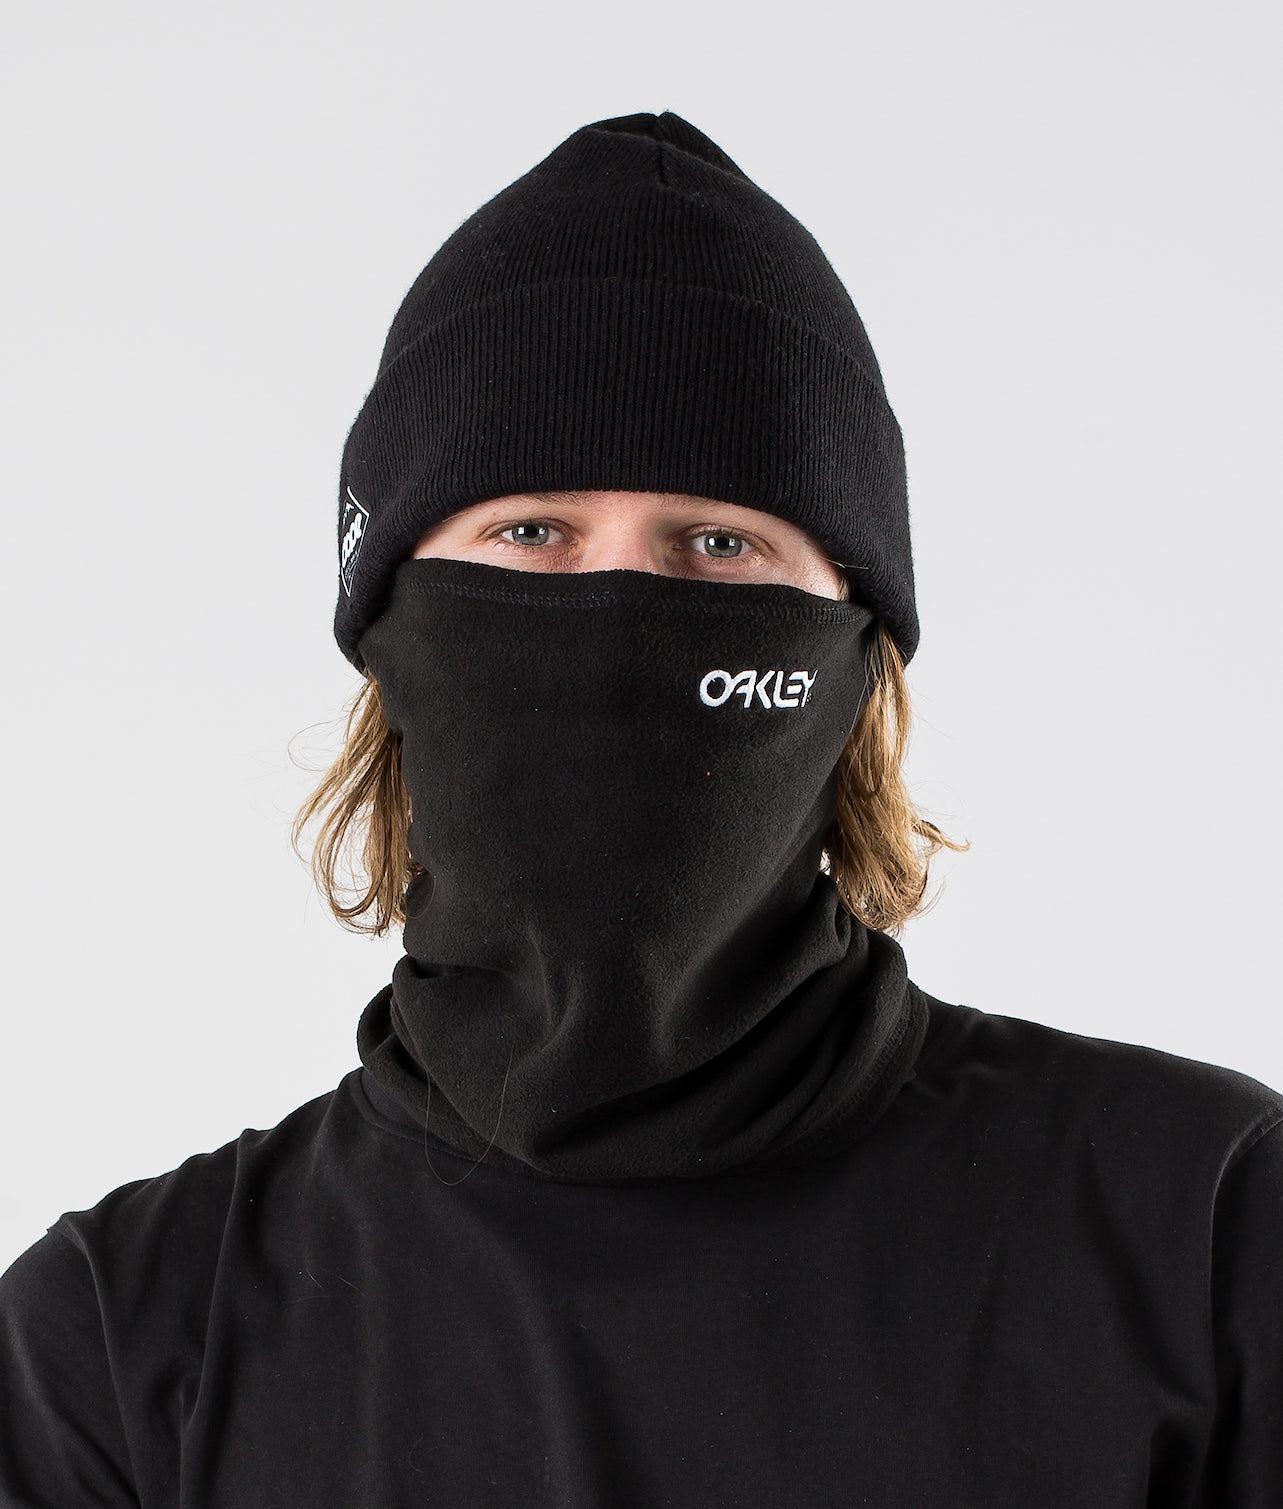 Köp Factory Neck Gaiter 2.0 Ansiktsmask från Oakley på Ridestore.se Hos oss har du alltid fri frakt, fri retur och 30 dagar öppet köp!